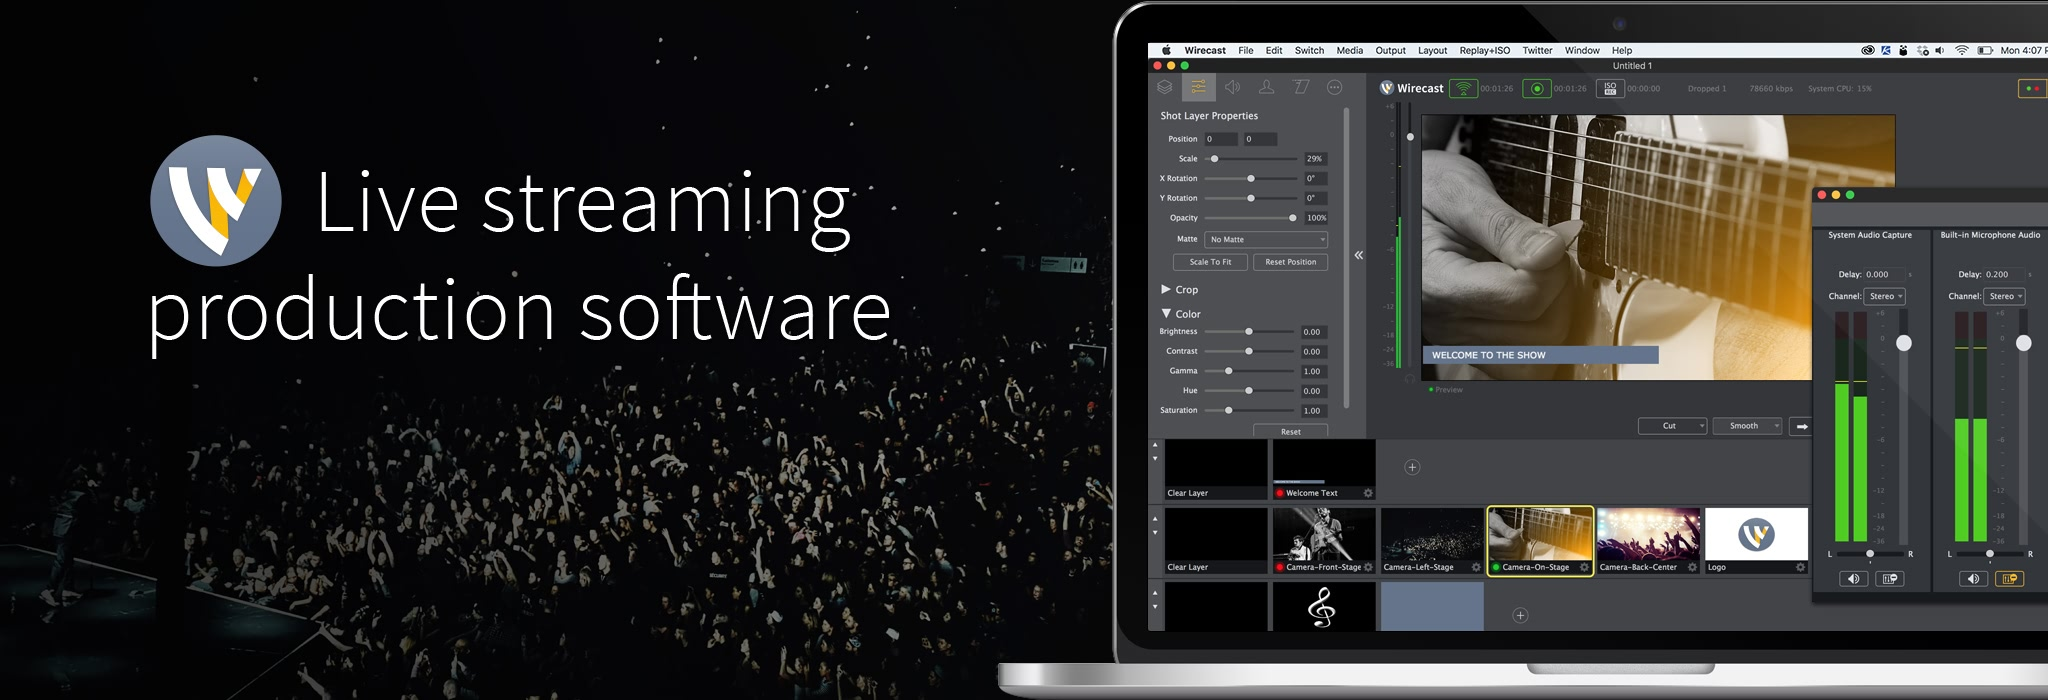 Wirecast Pro 9.0.1 专业摄像直播视频工具